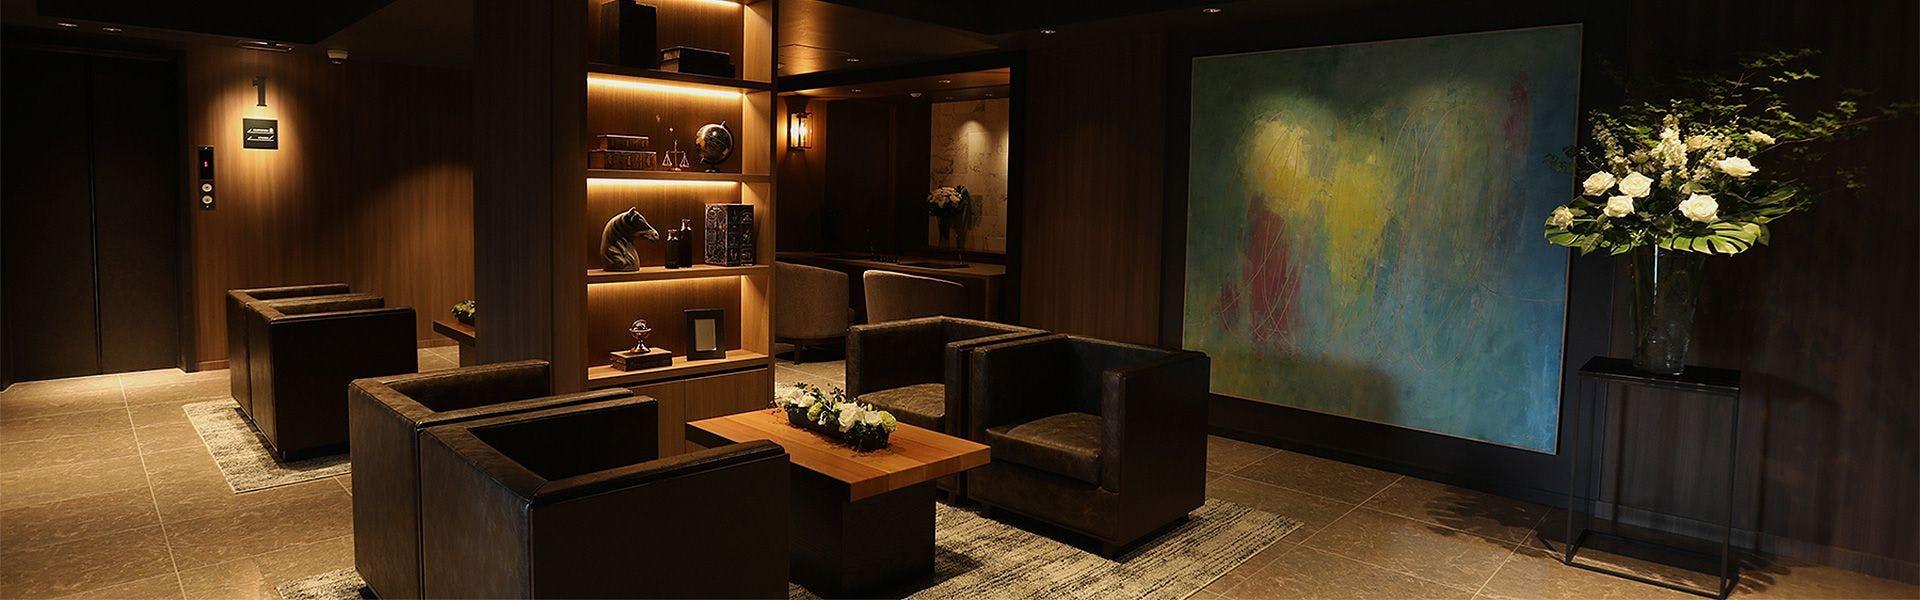 記念日におすすめのホテル・【ホテルアーバングレイスグラン】 の空室状況を確認するの写真3